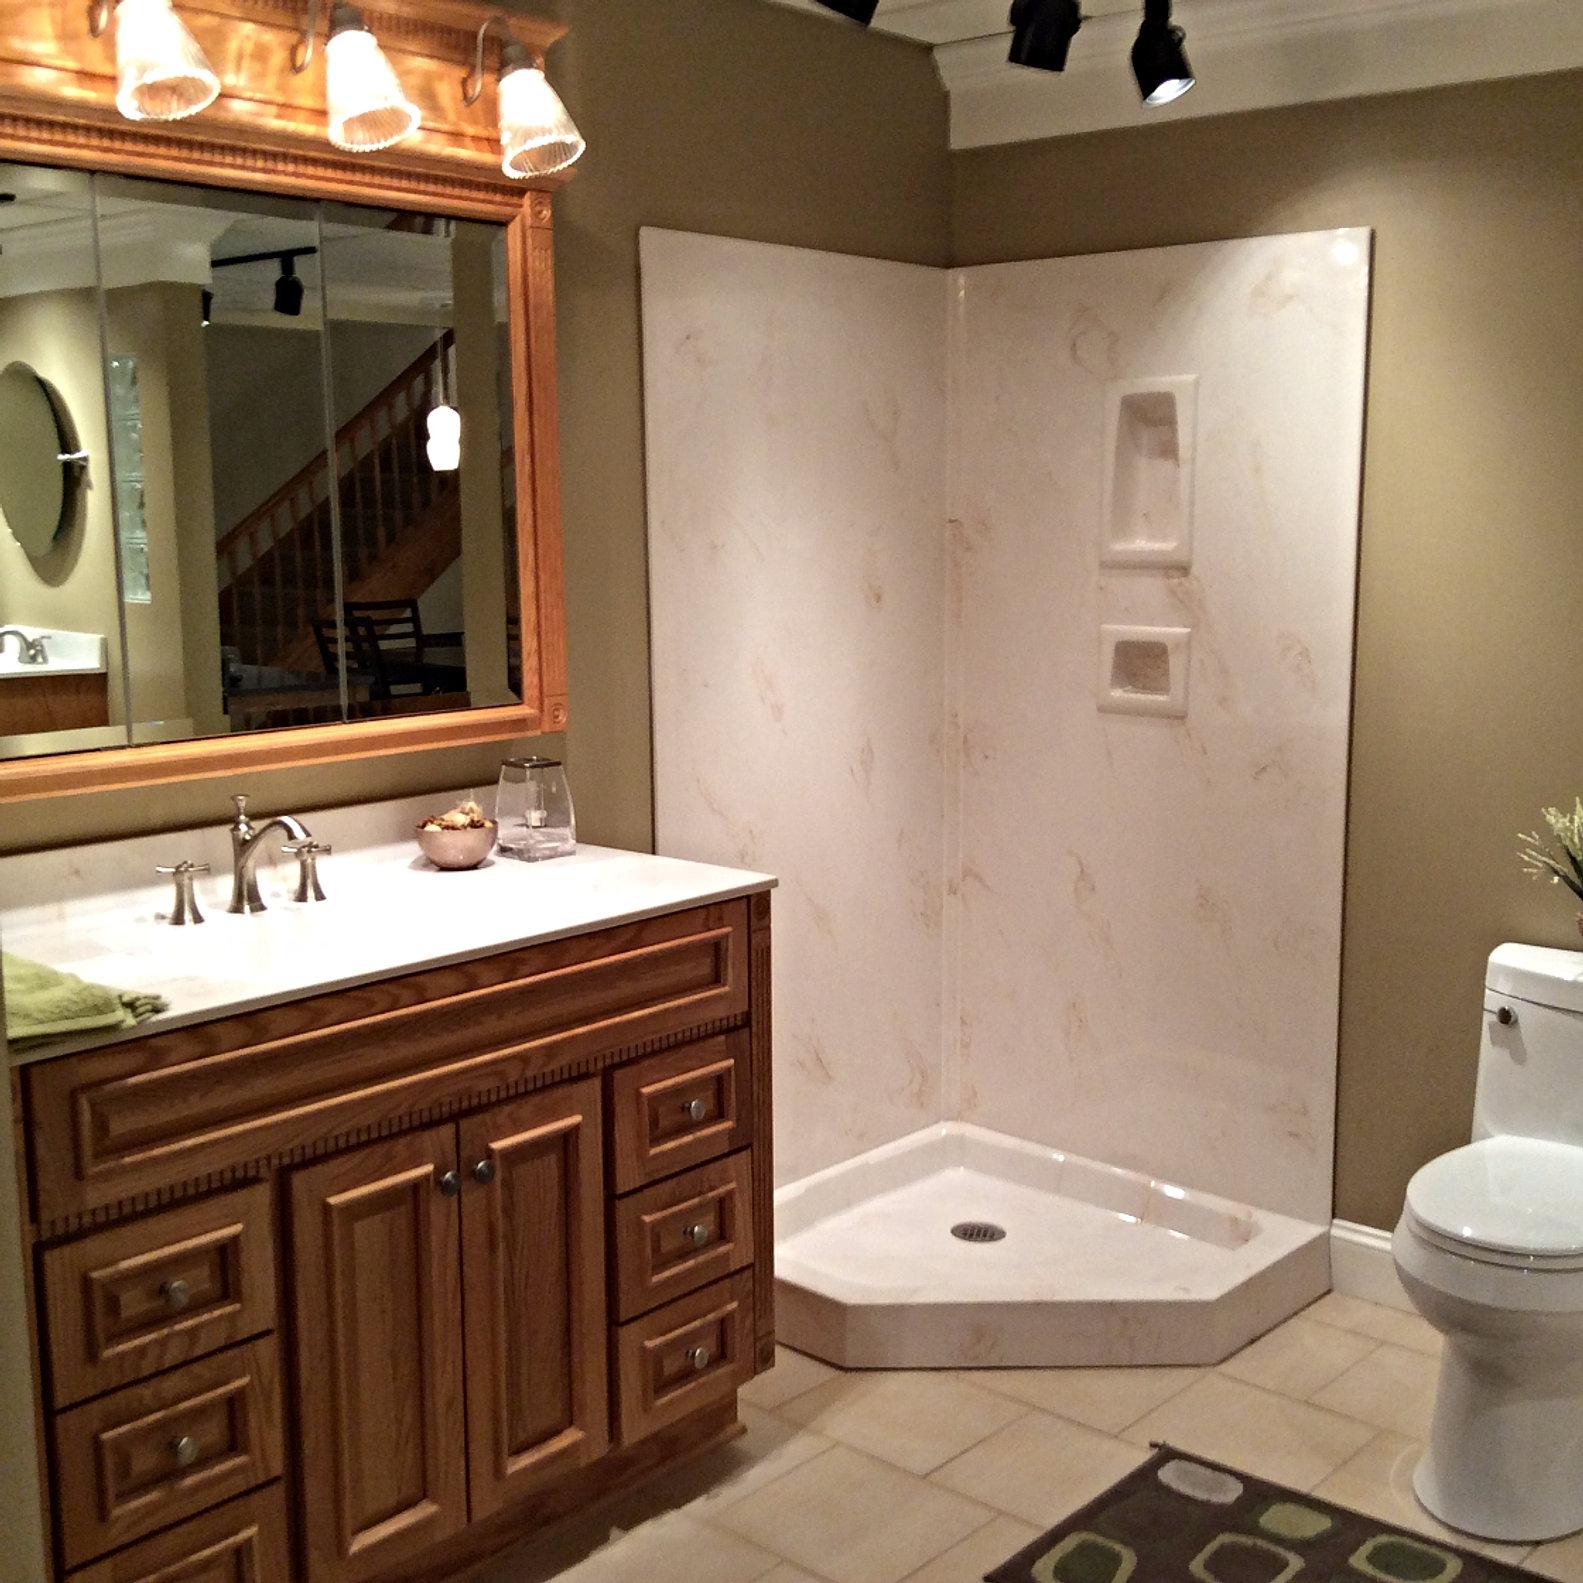 Unfinished Bathroom Vanity Esders Bathroom Furniture 64 Inch Double Sink Bathroom Vanity Images